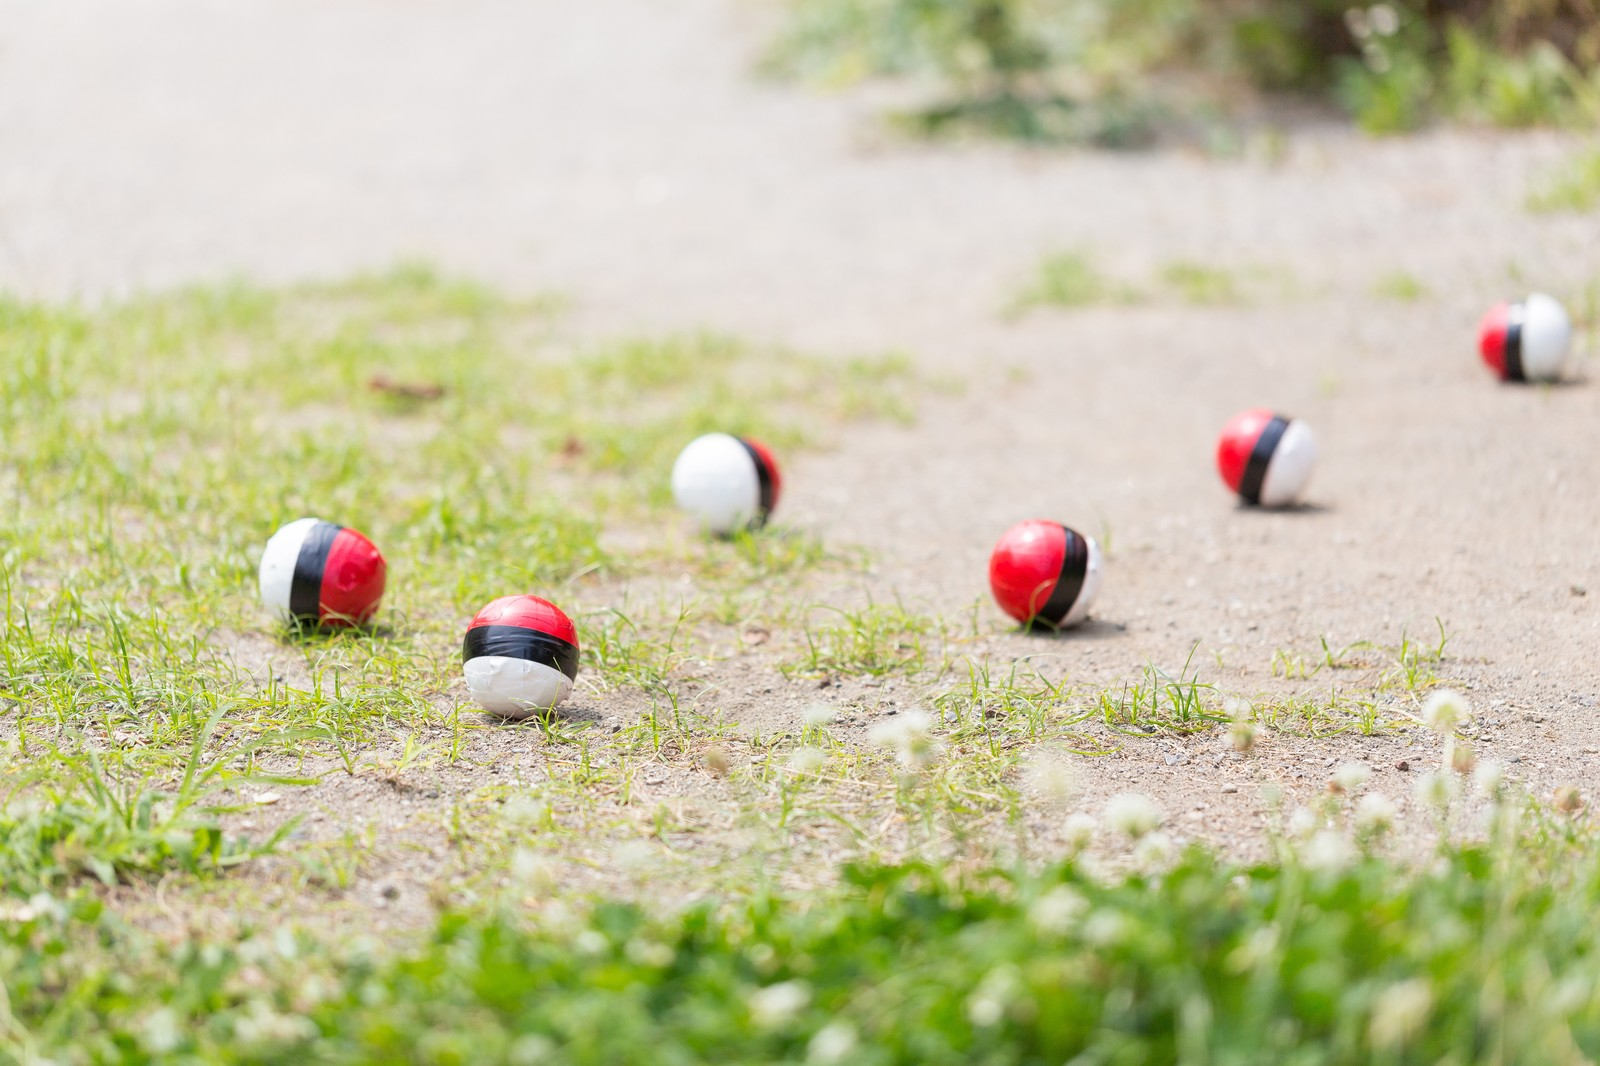 「仲間内で紅白ボールのグループが作られた」の写真